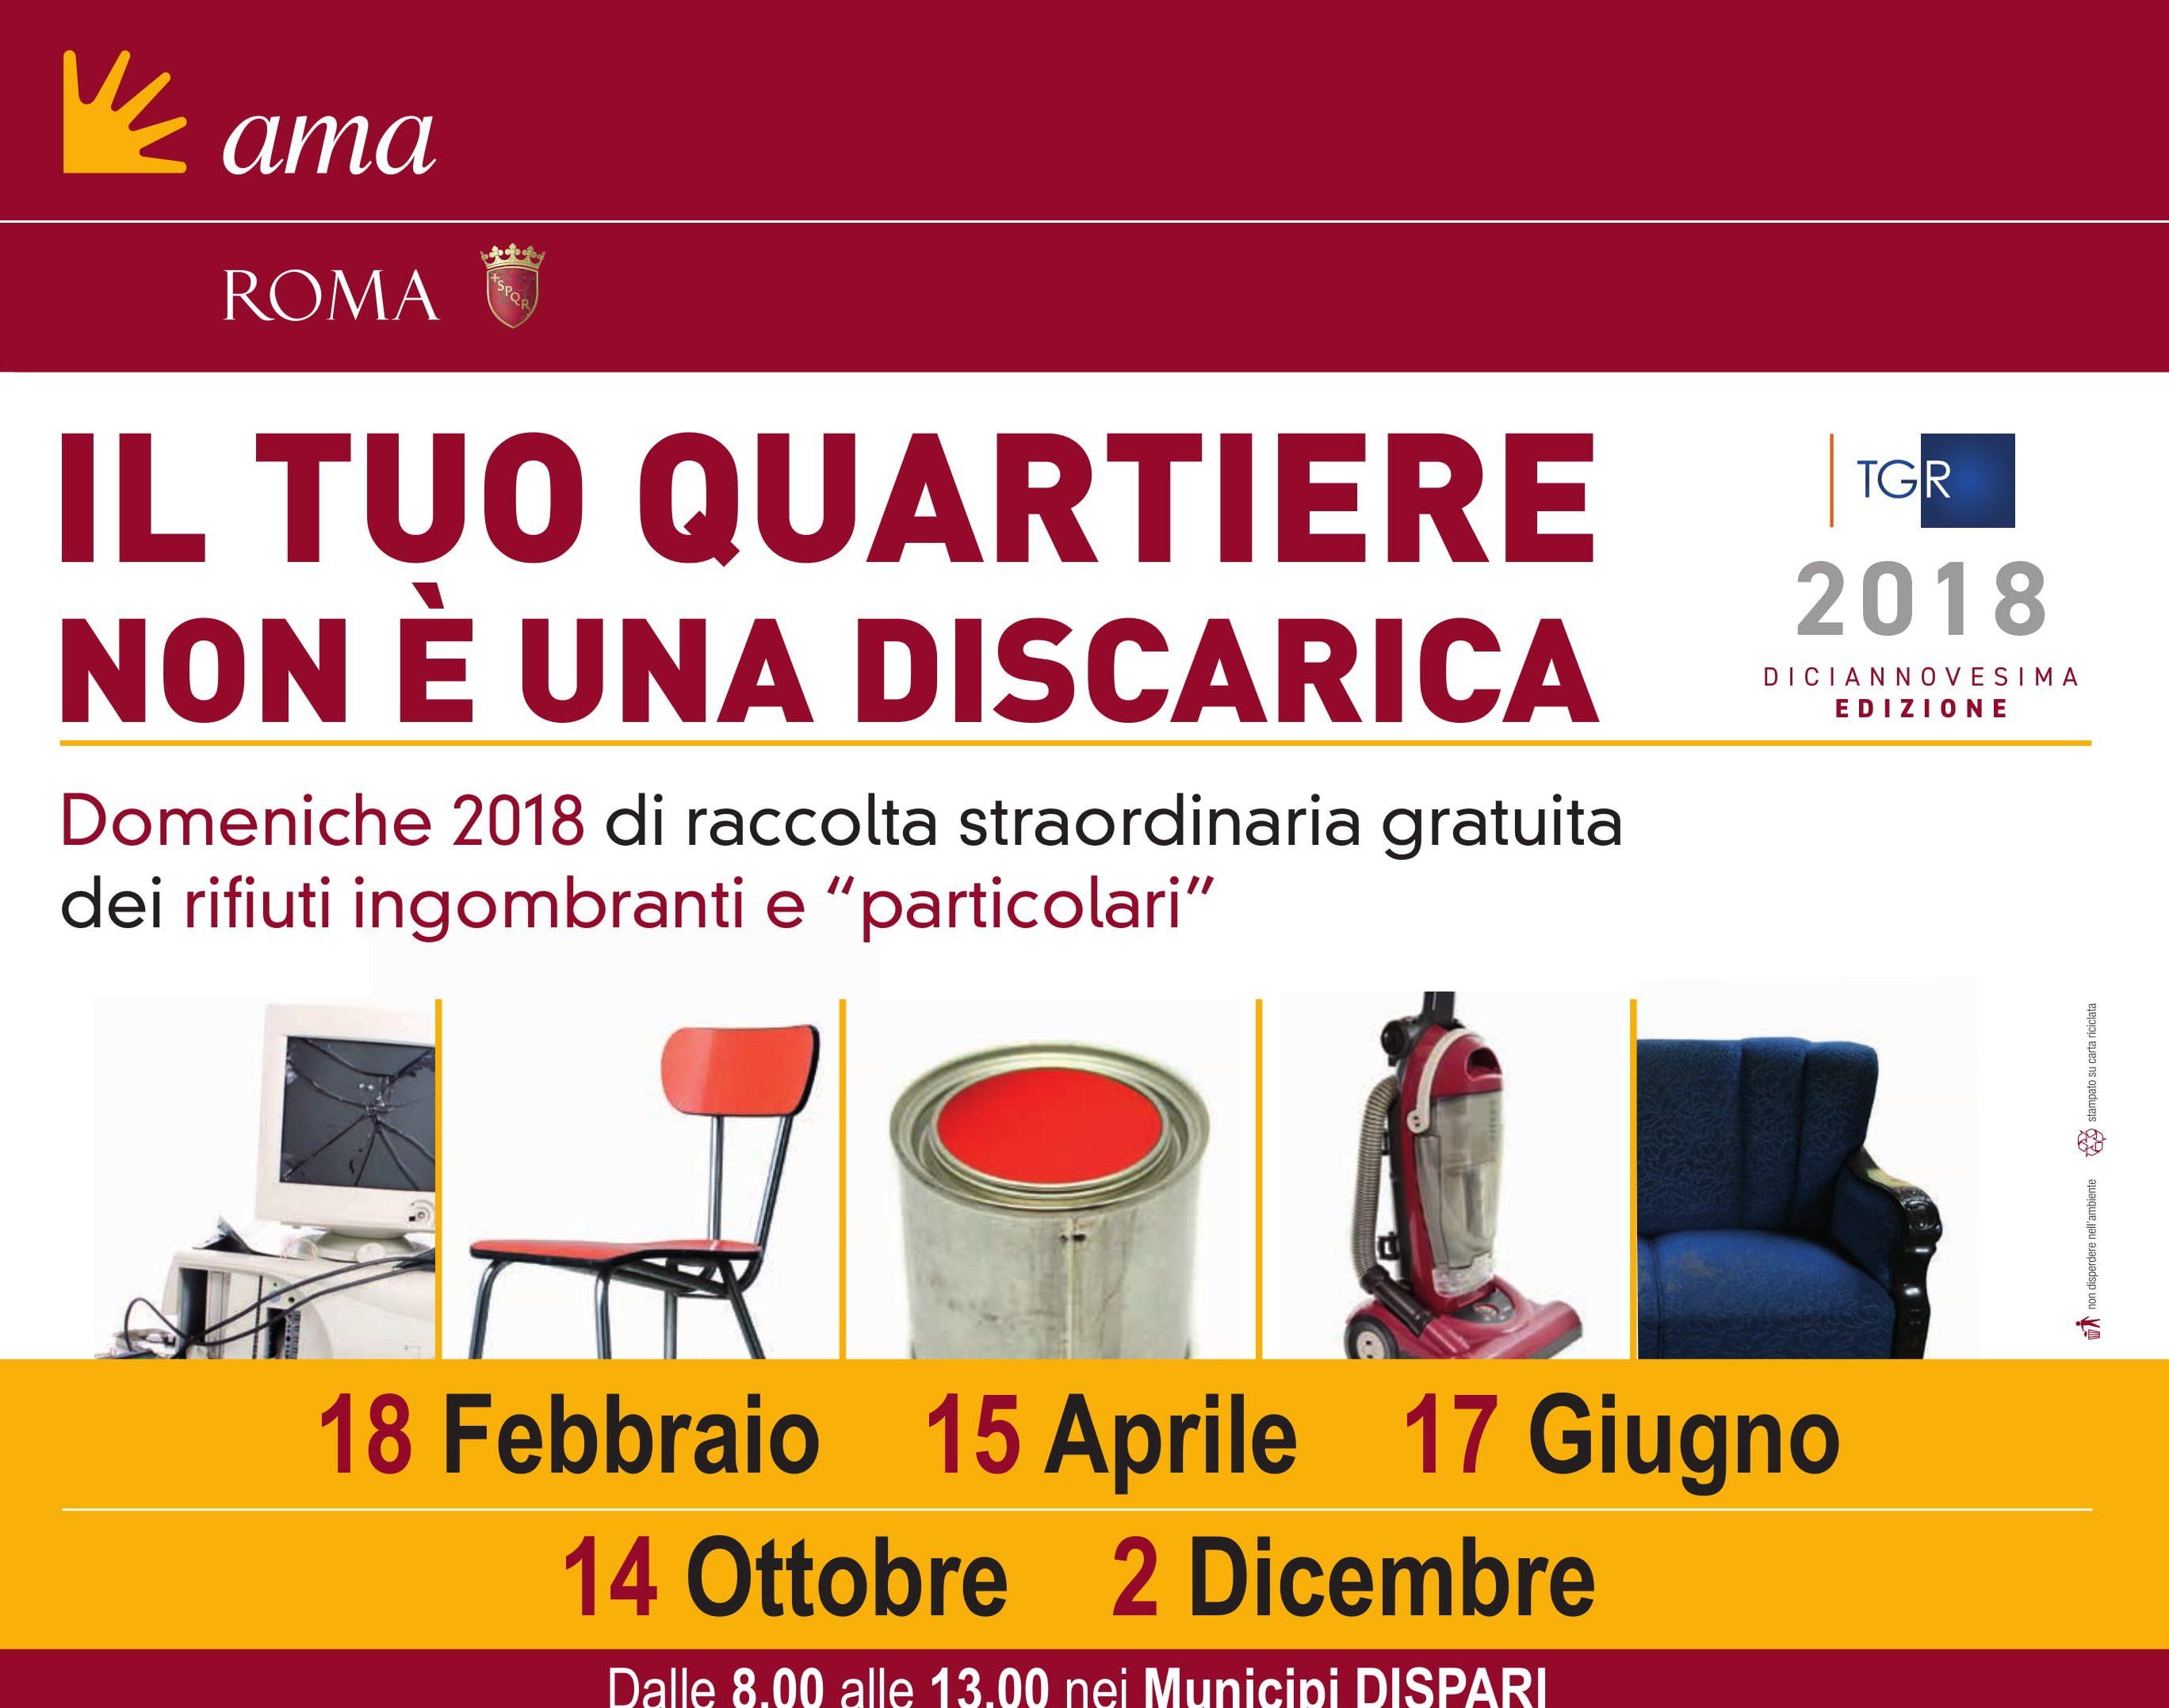 Raccolta Rifiuti Ingombranti Roma Calendario 2020.17 Giugno 2018 Raccolta Straordinaria Gratuita Dei Rifiuti